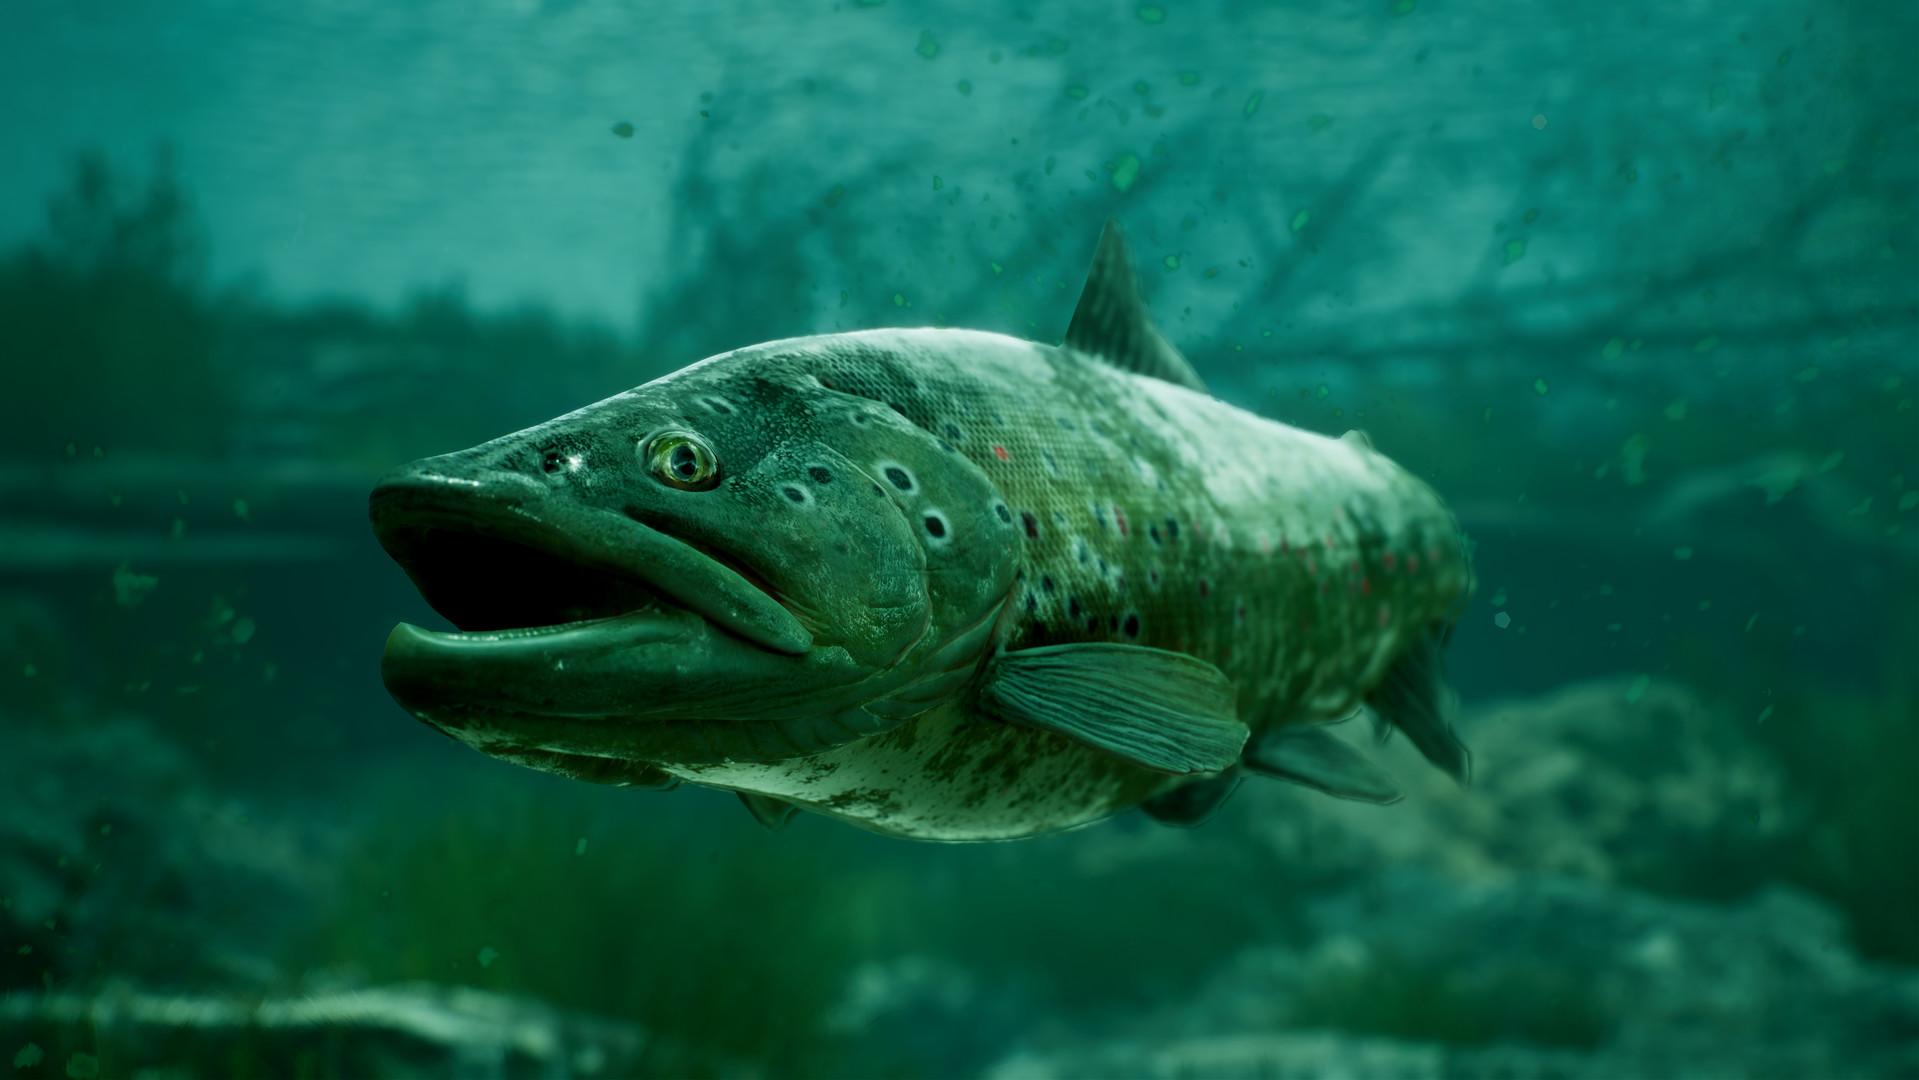 捕获物:鲤鱼和大鱼/单机.网络联机